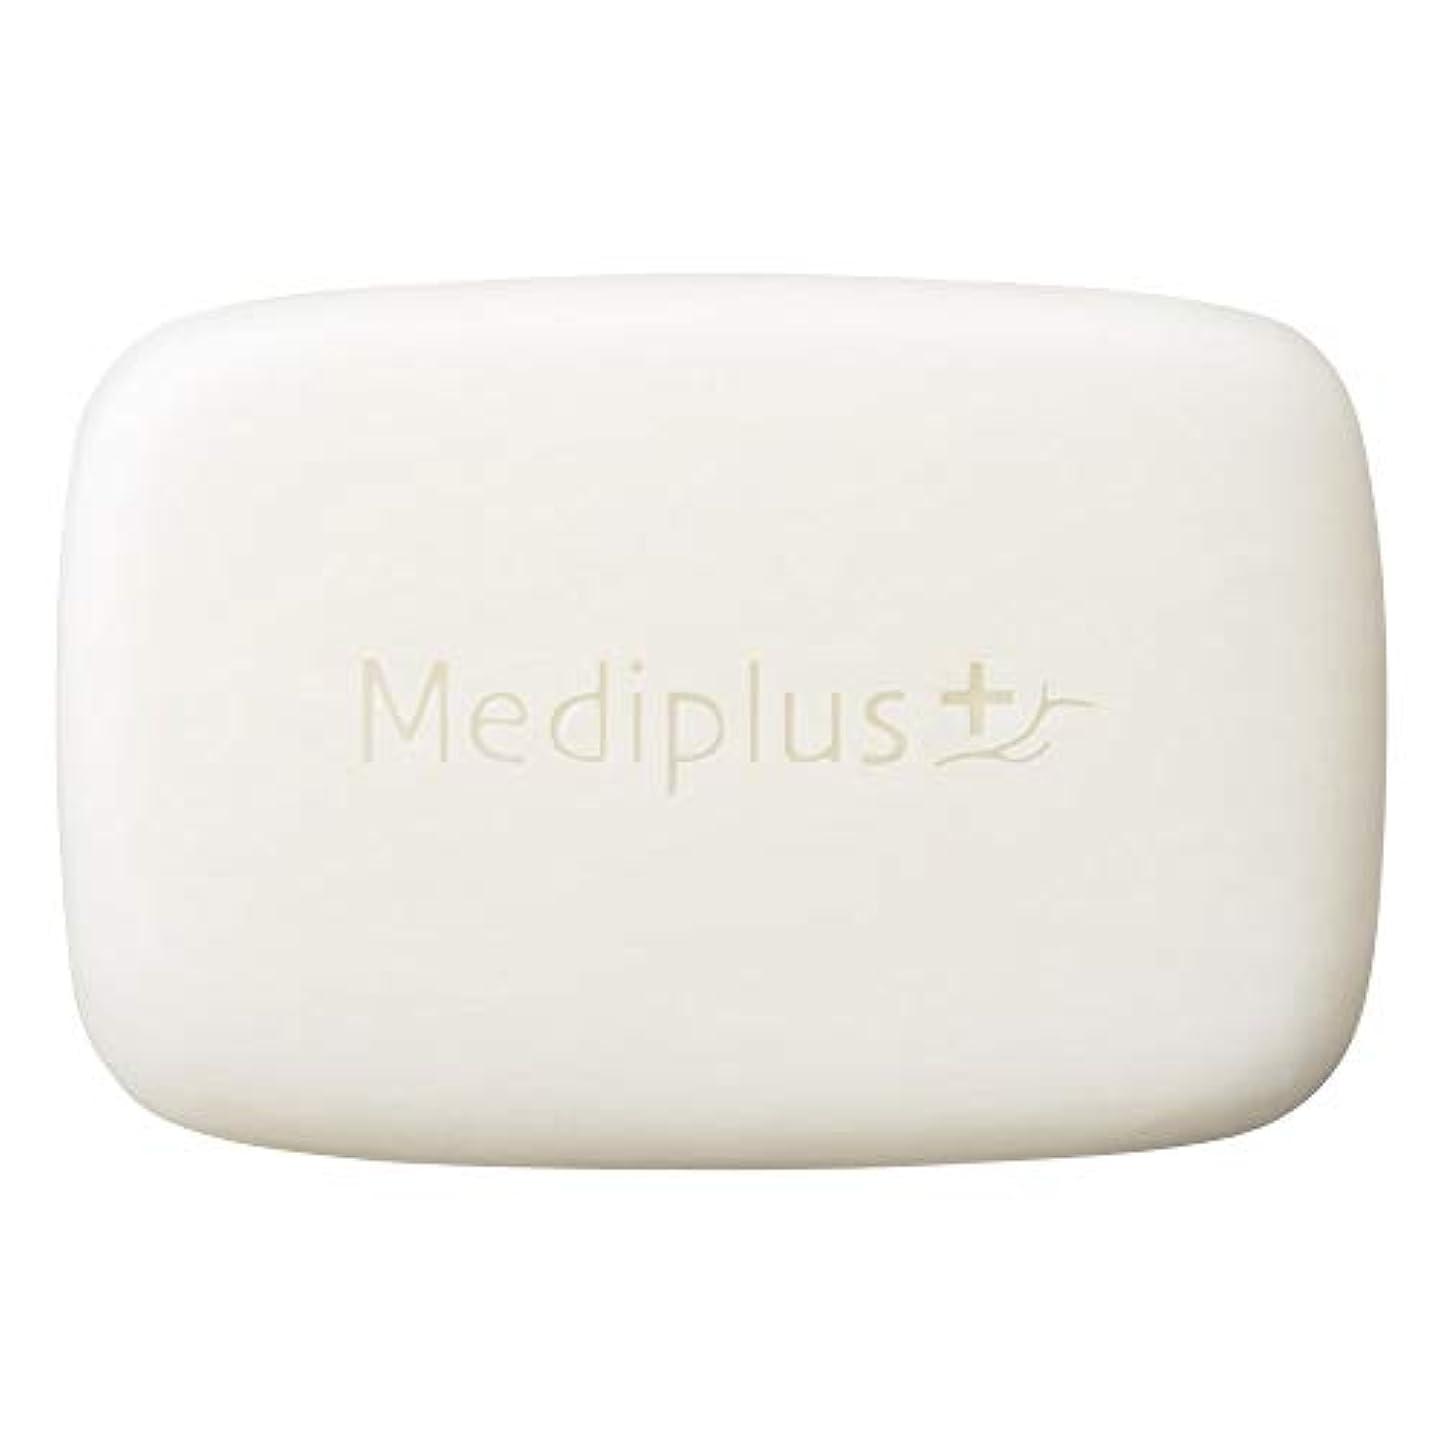 起きる郊外あらゆる種類のmediplus メディプラス オイルクリームソープ 60g(約2か月分)